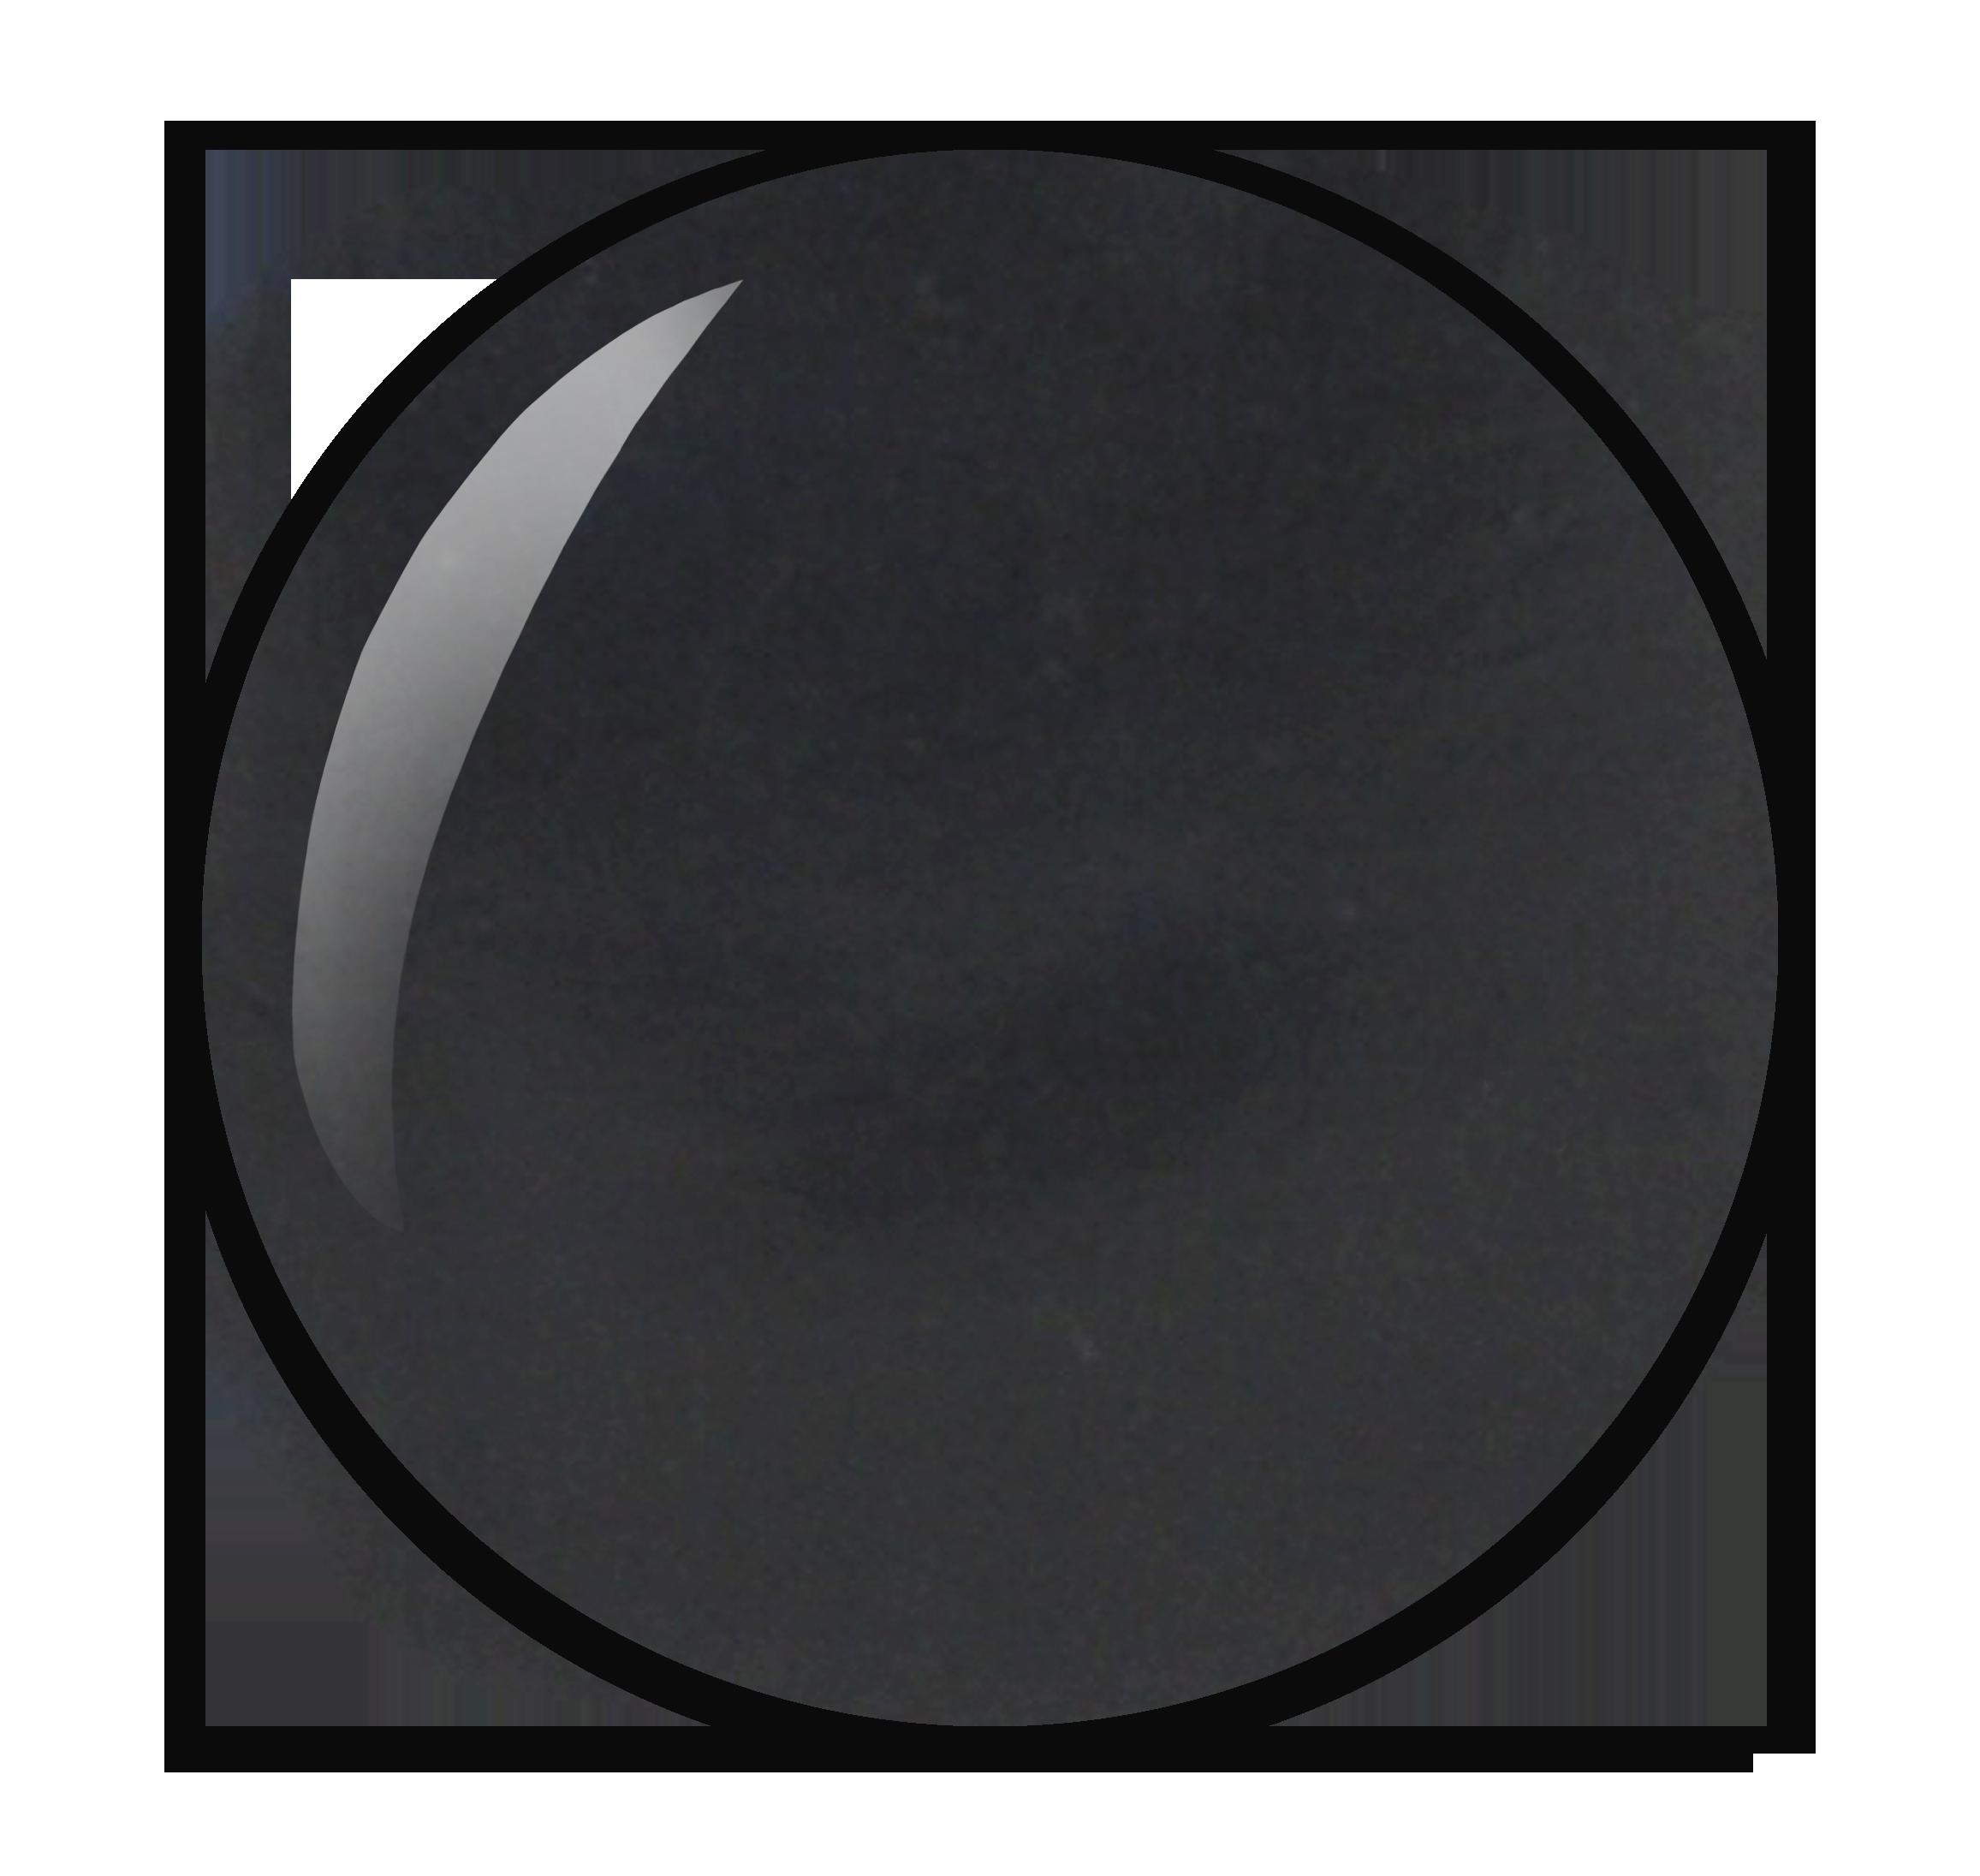 Donker blauwe nagellak kleur van Herôme